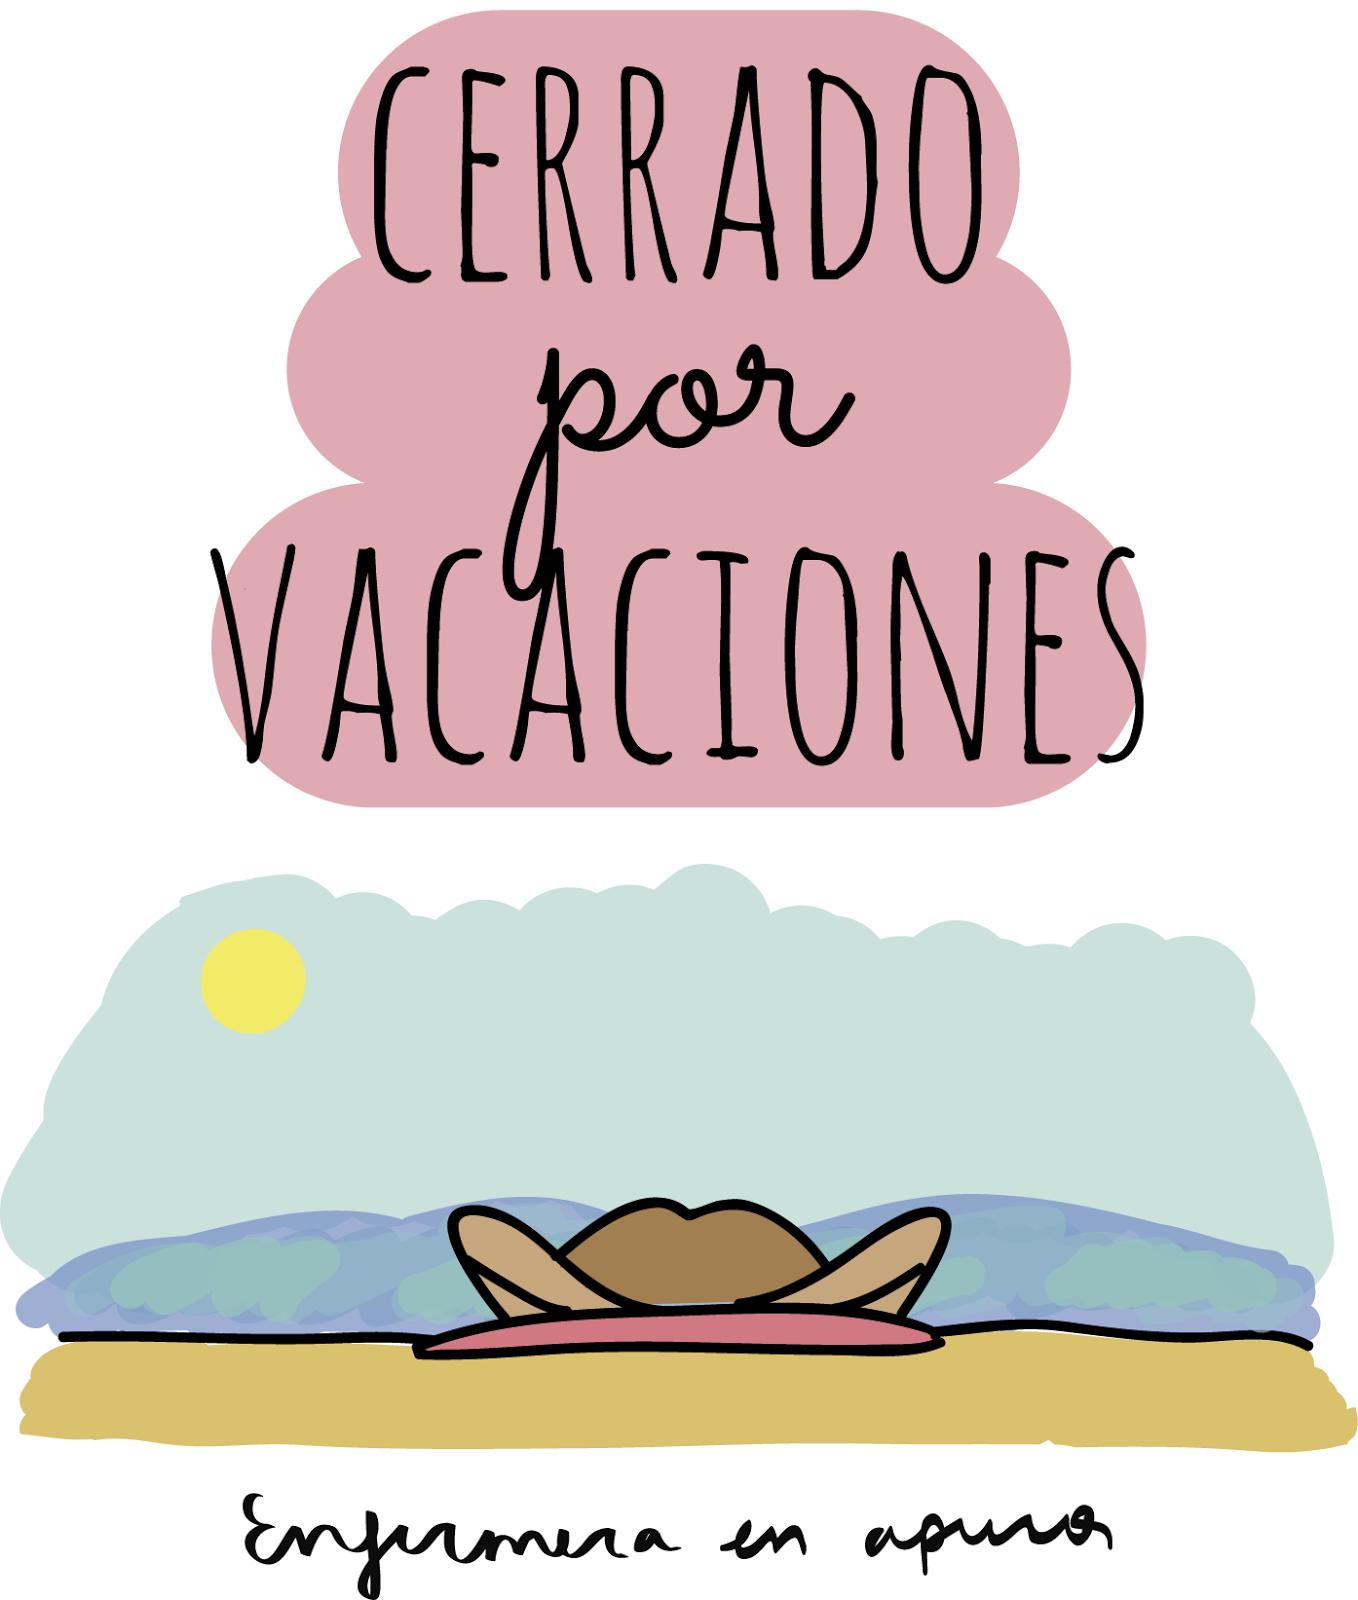 Enfermera en apuros cerrado por vacaciones - Paginas para alquilar apartamentos vacaciones ...